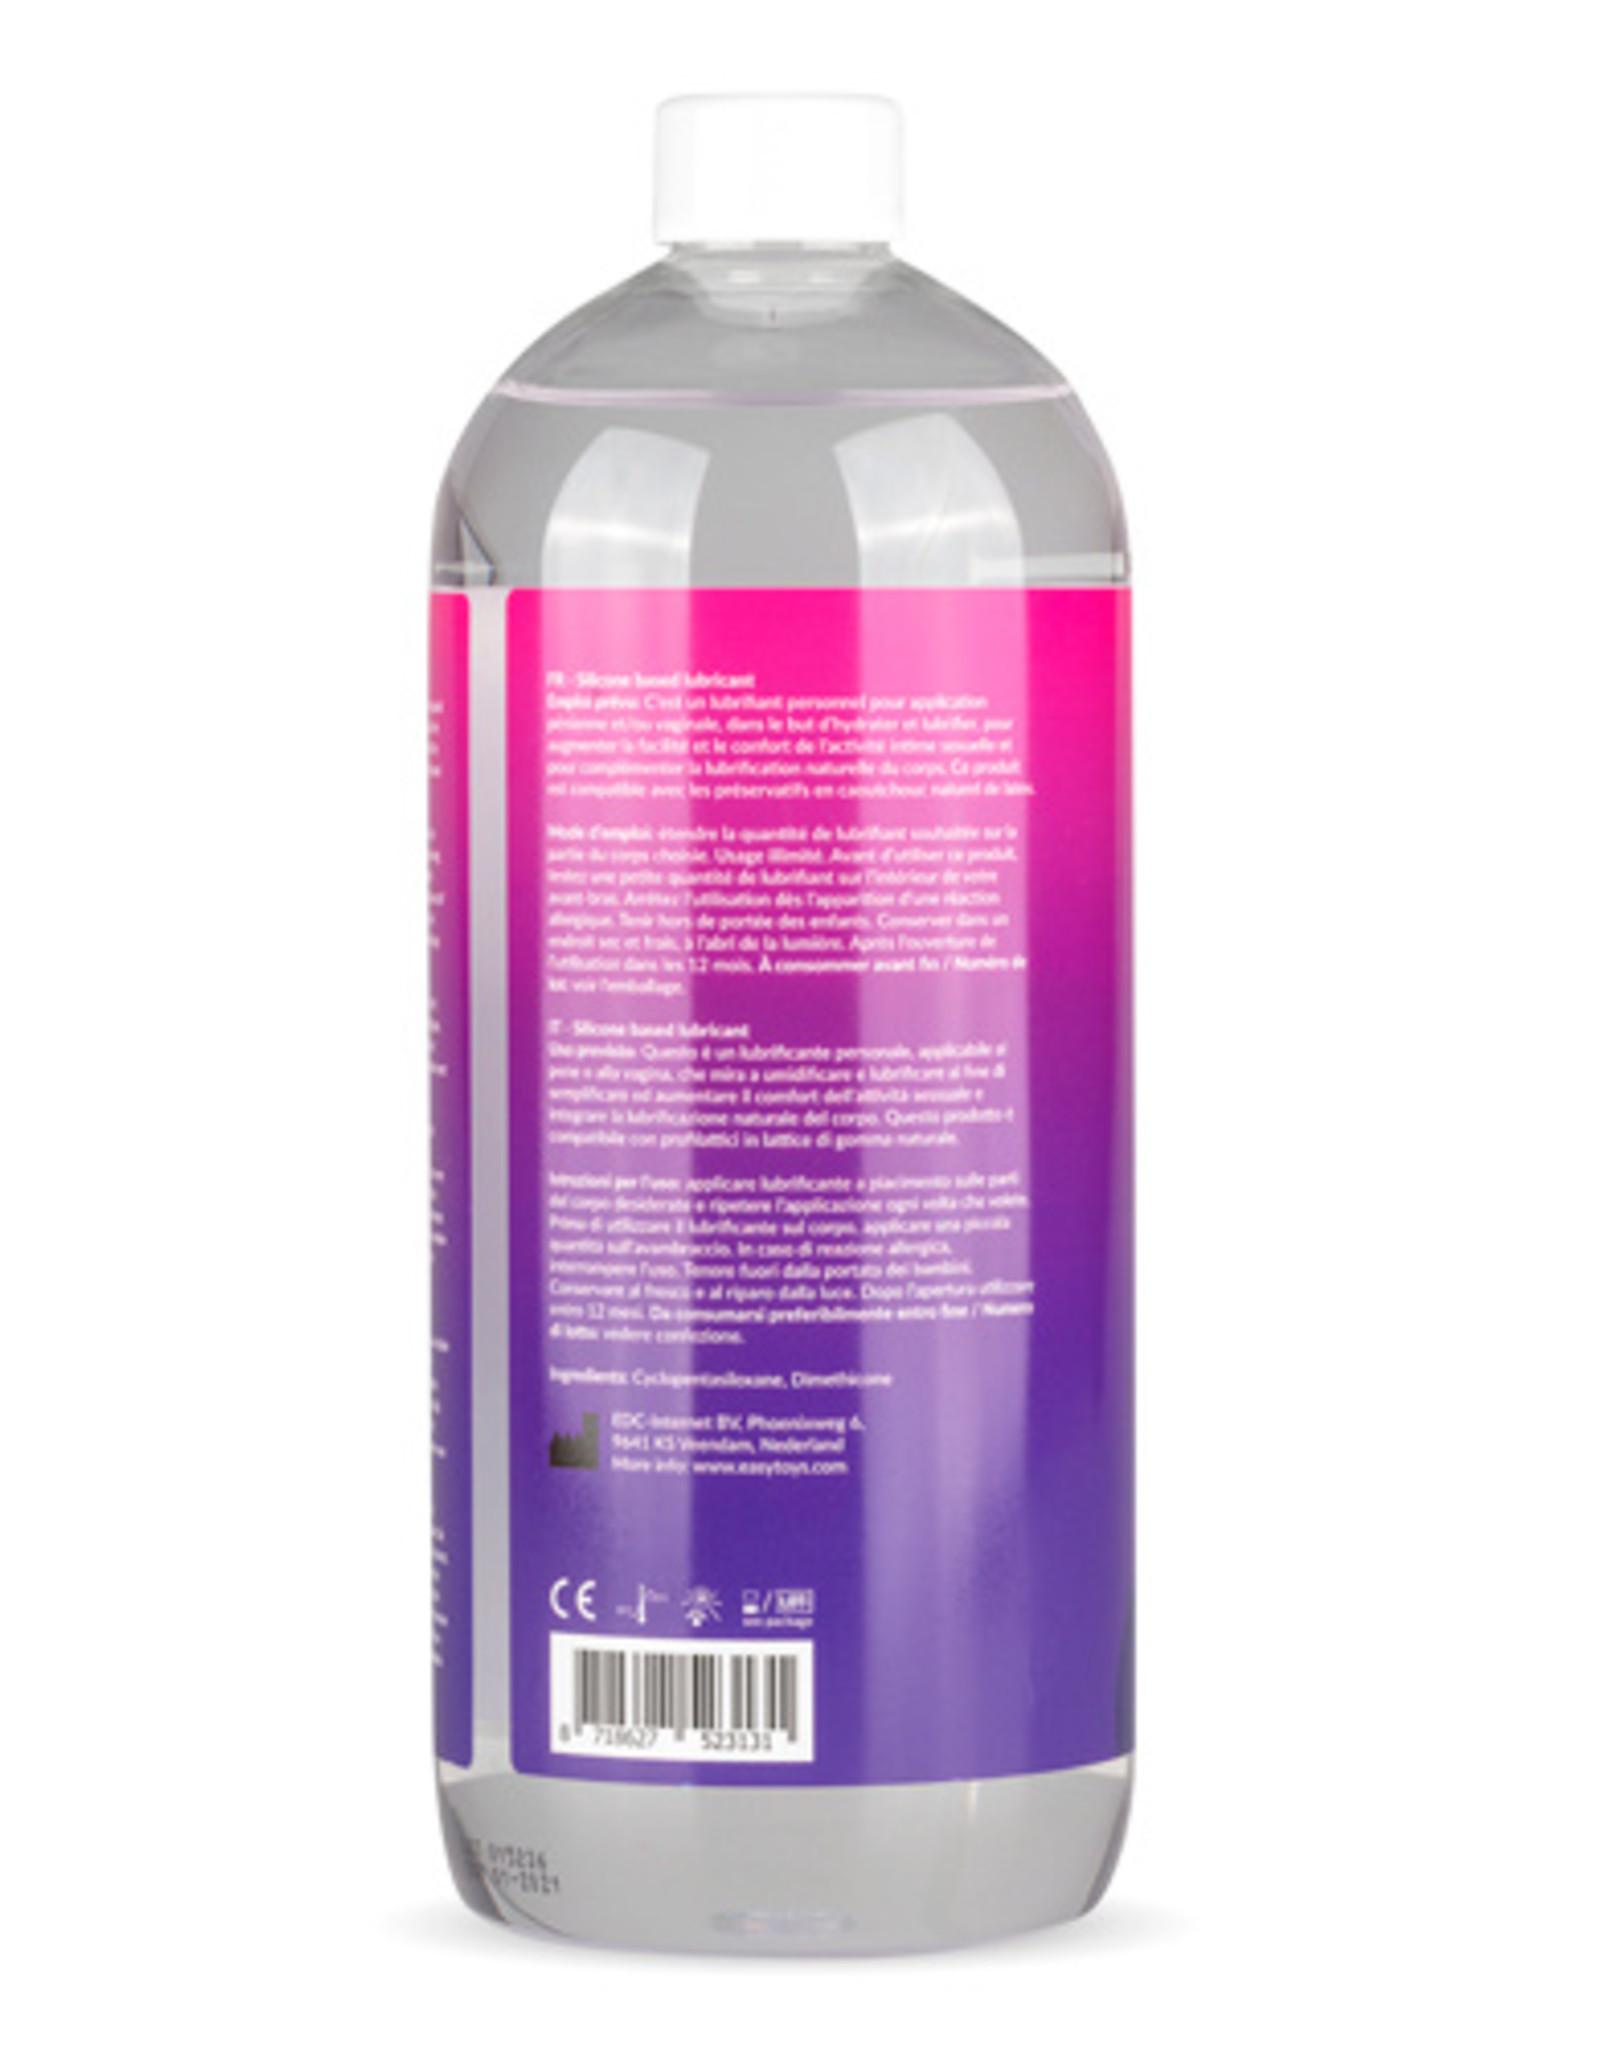 EasyGlide EasyGlide Siliconen Glijmiddel 1000 ml